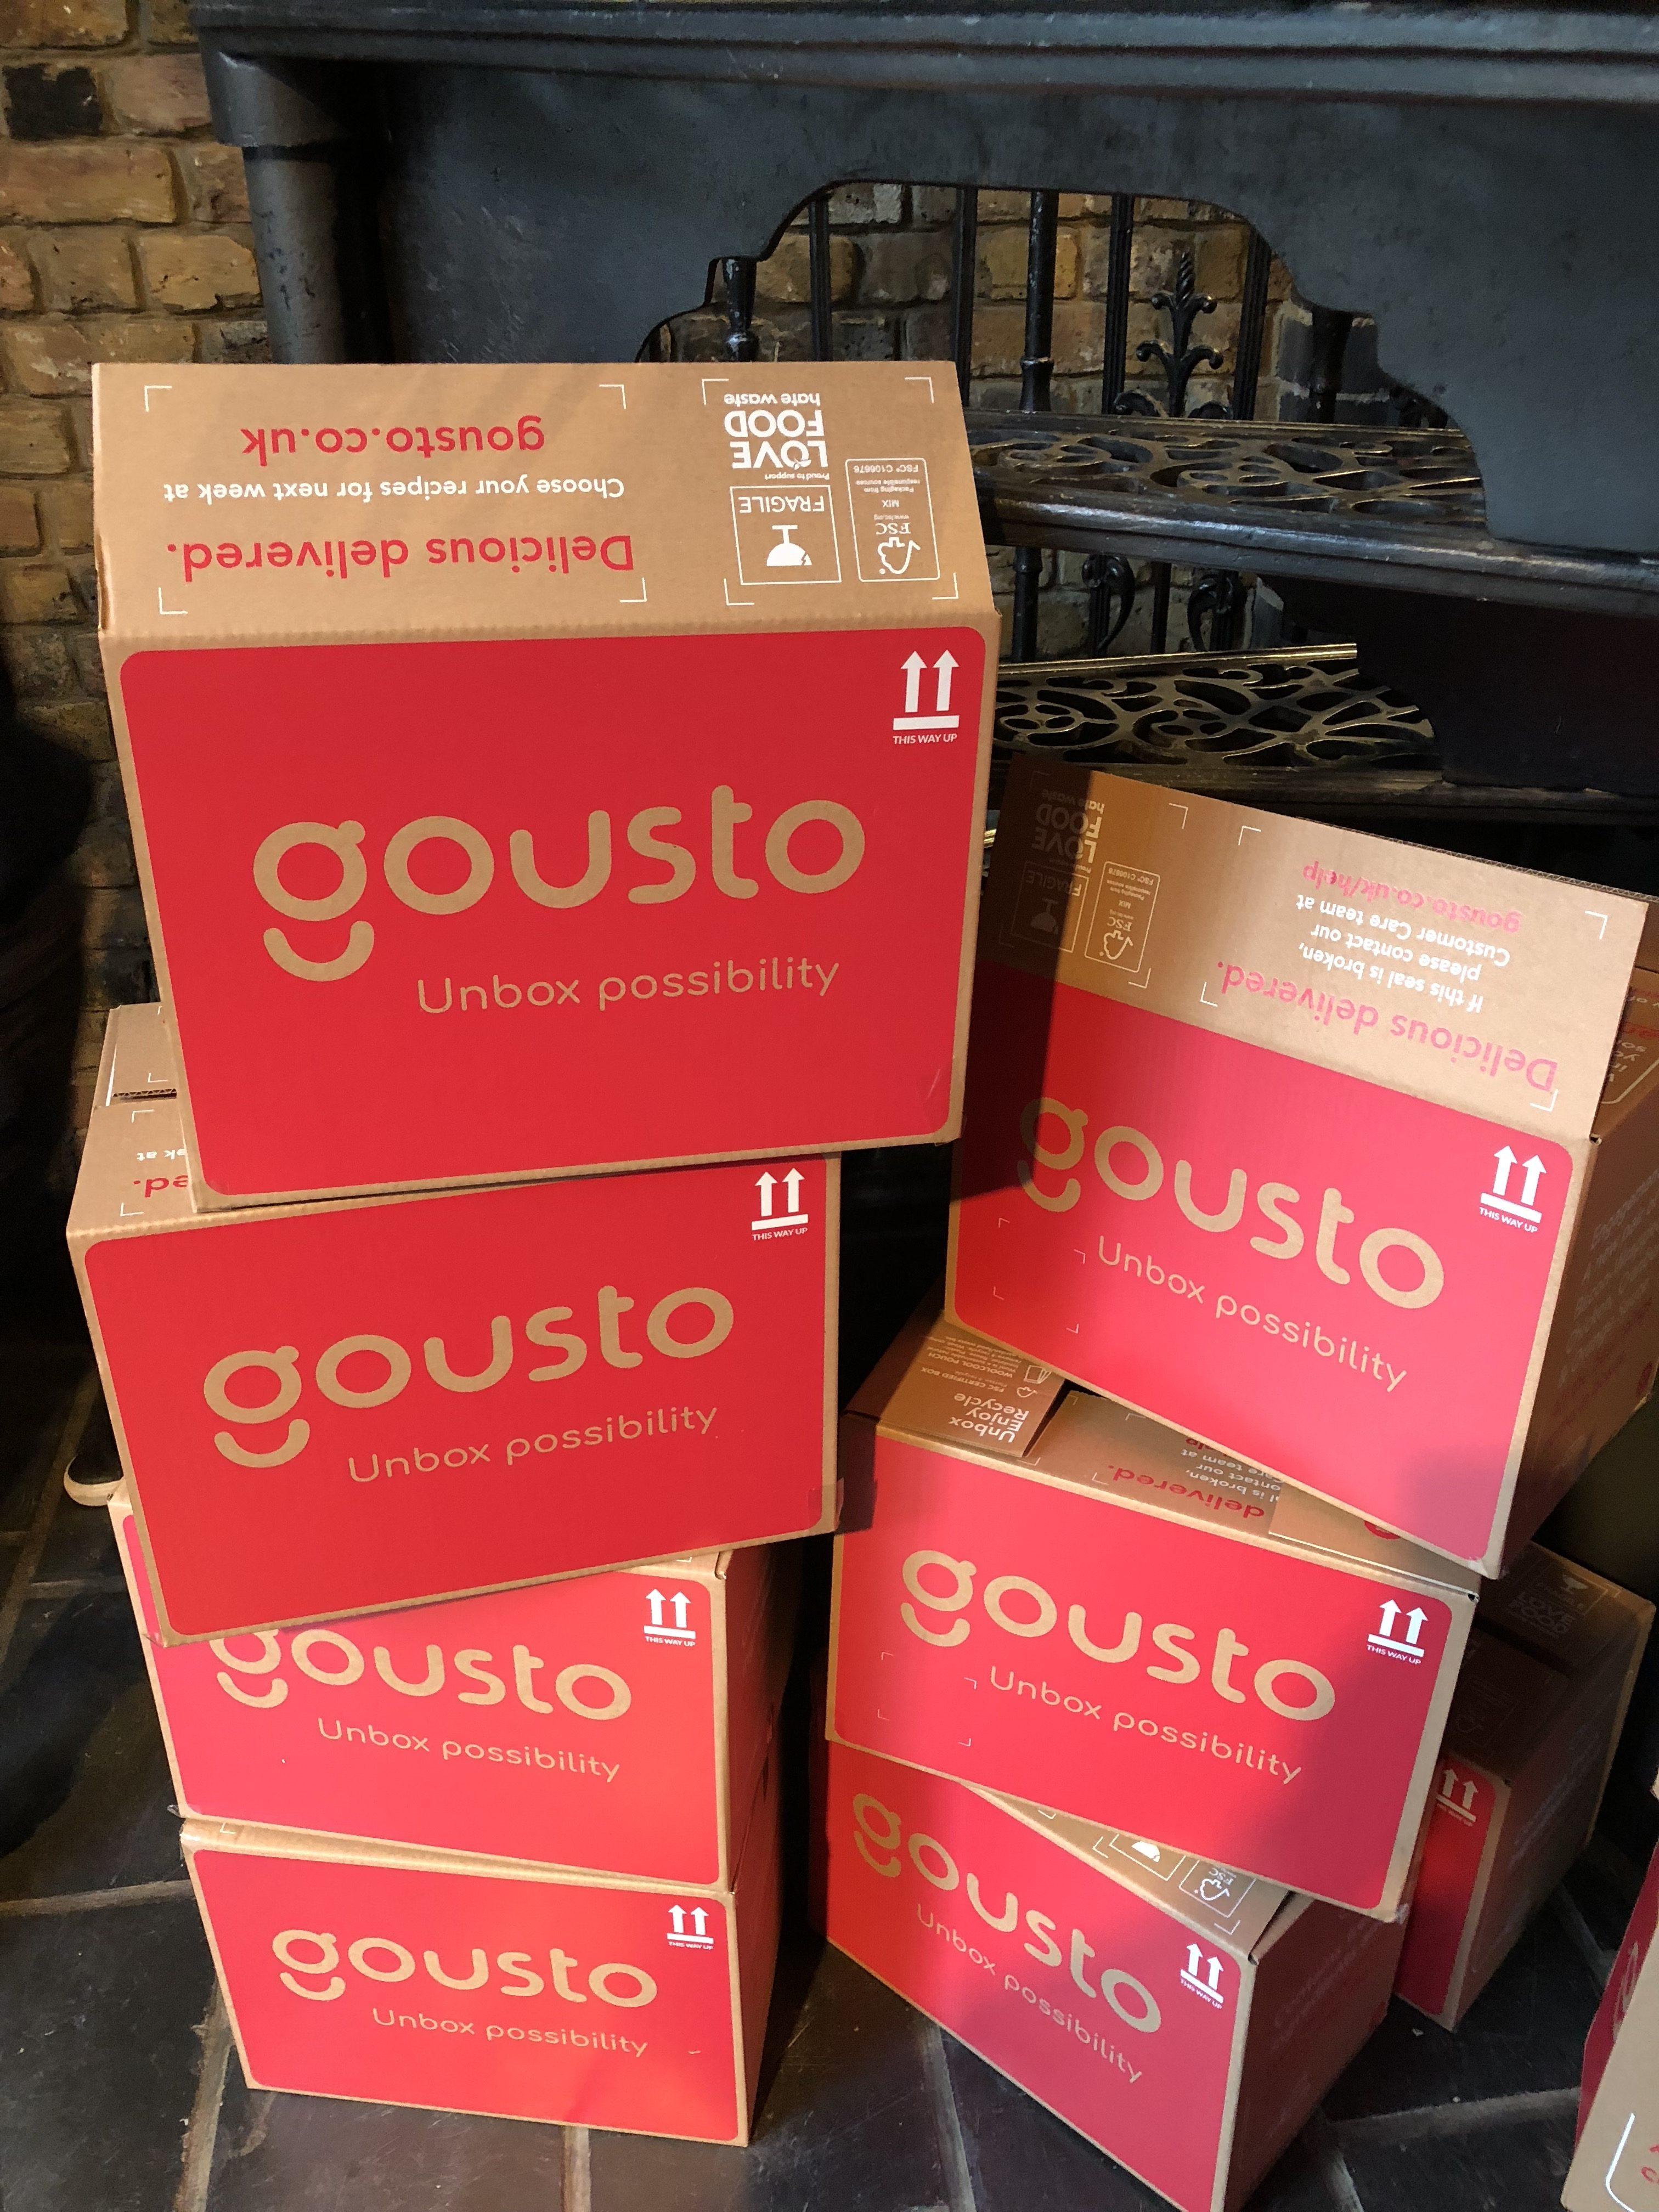 gousto boxes